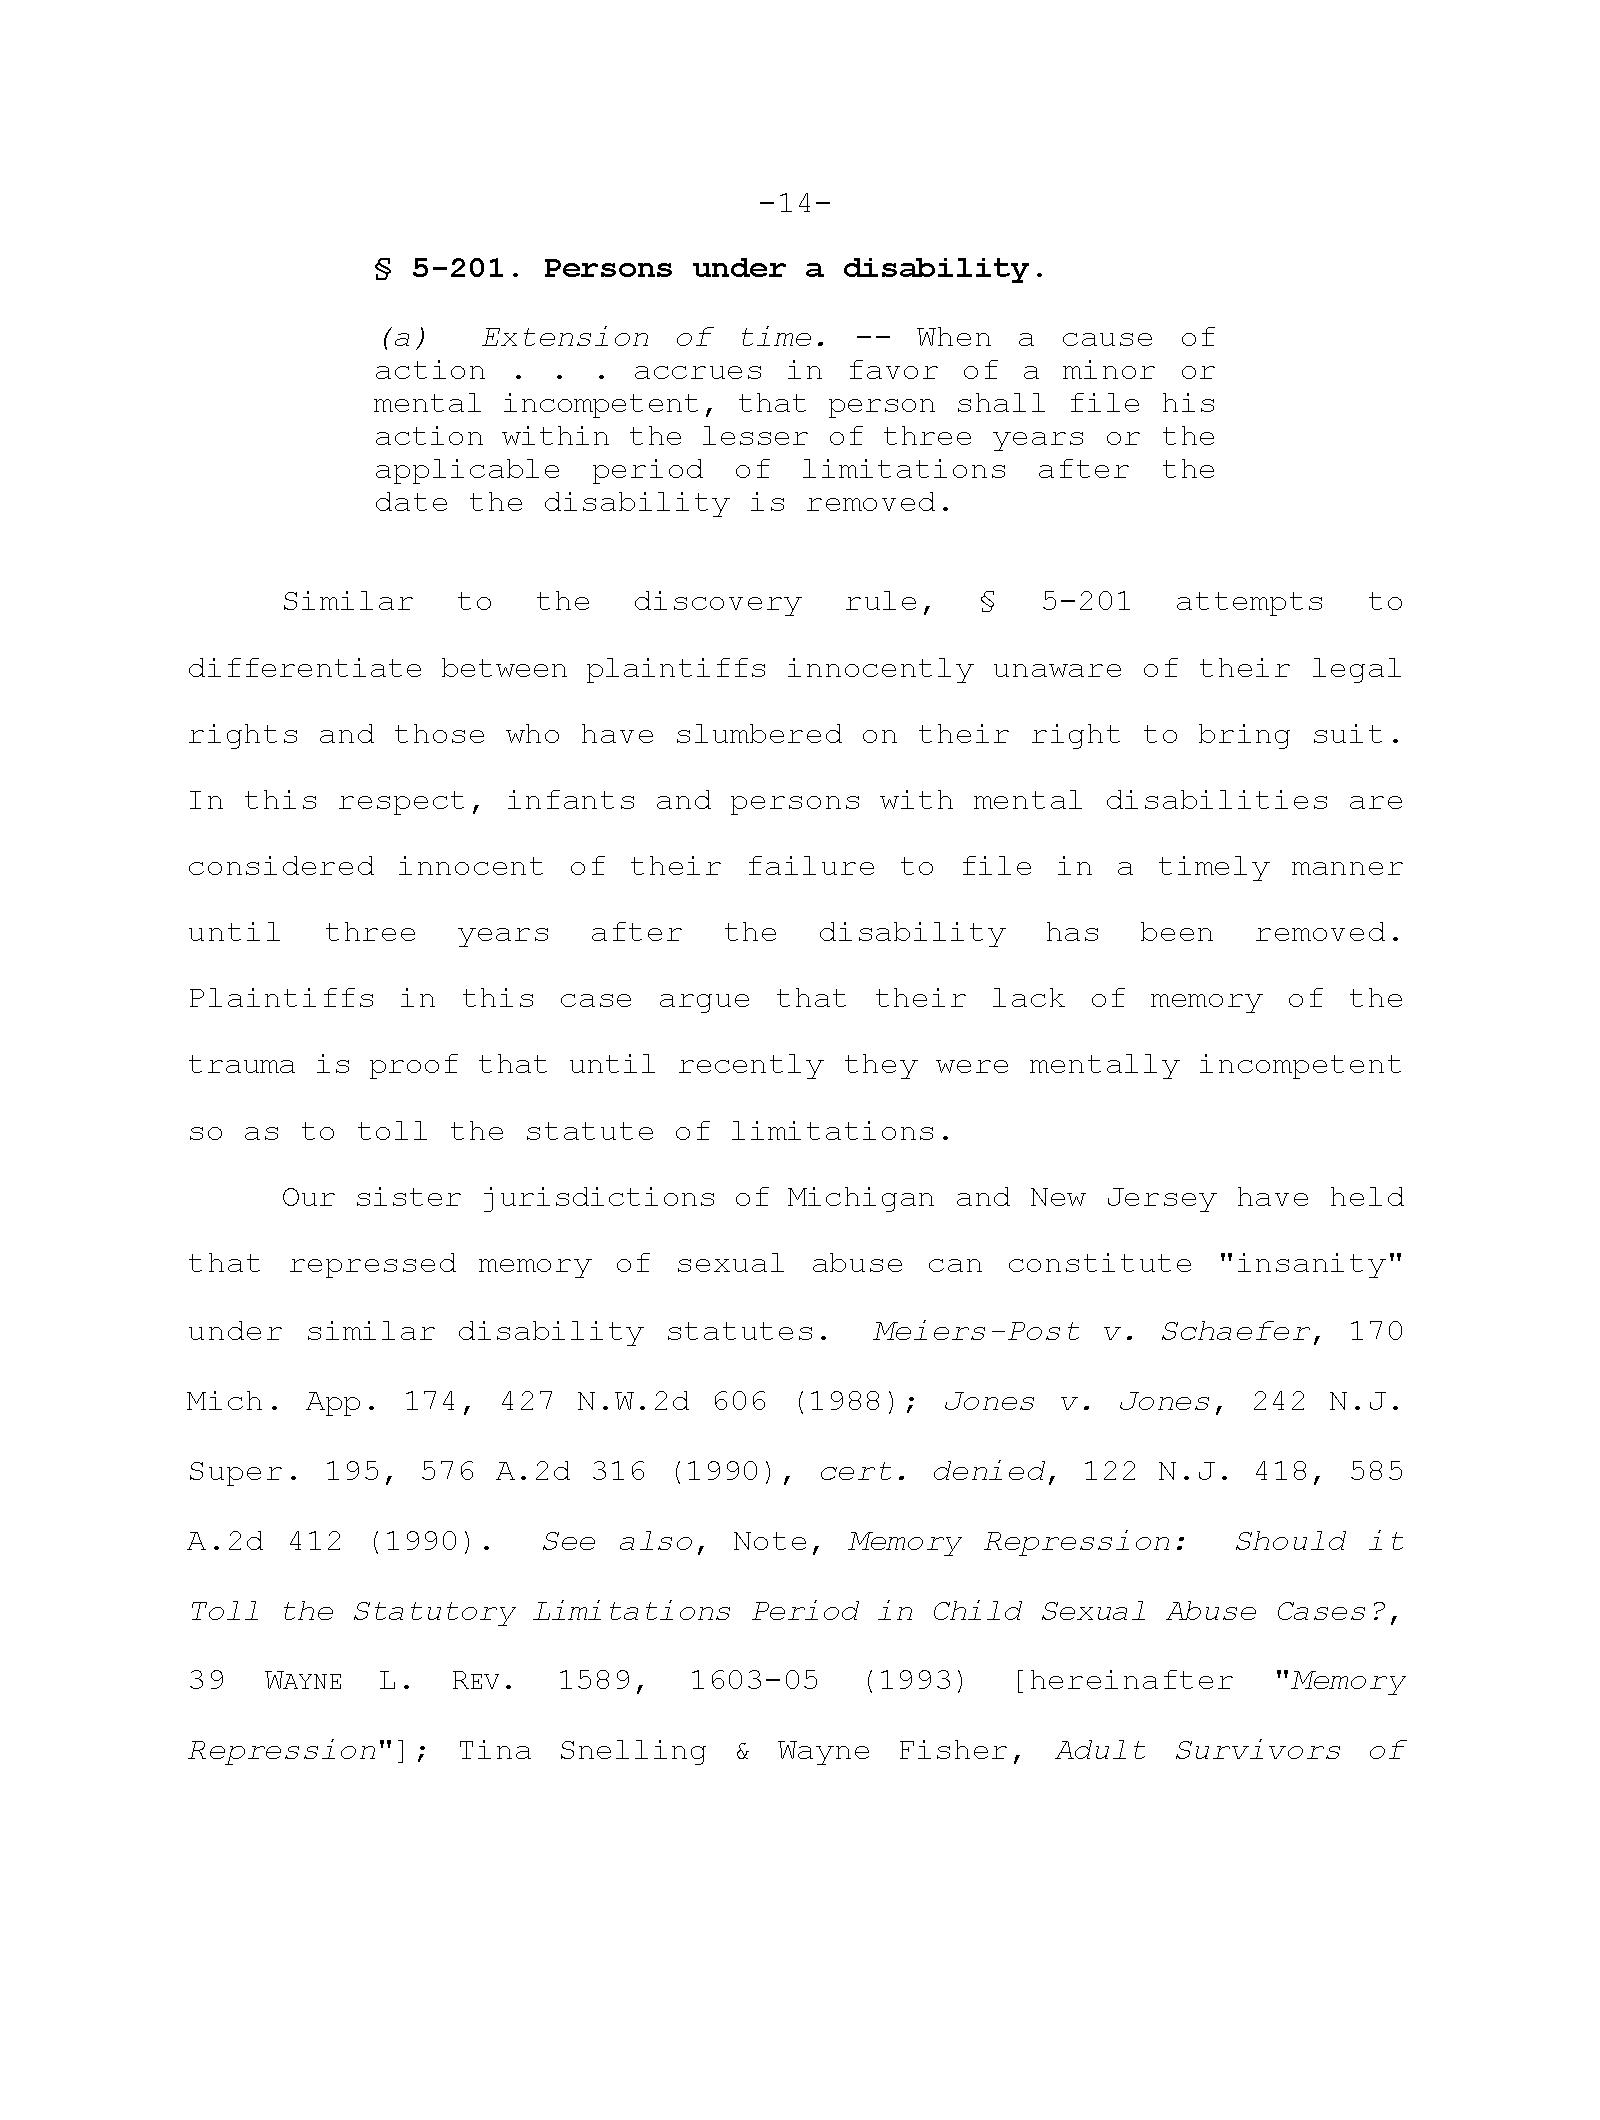 Copy of doe-v-maskelll16.png